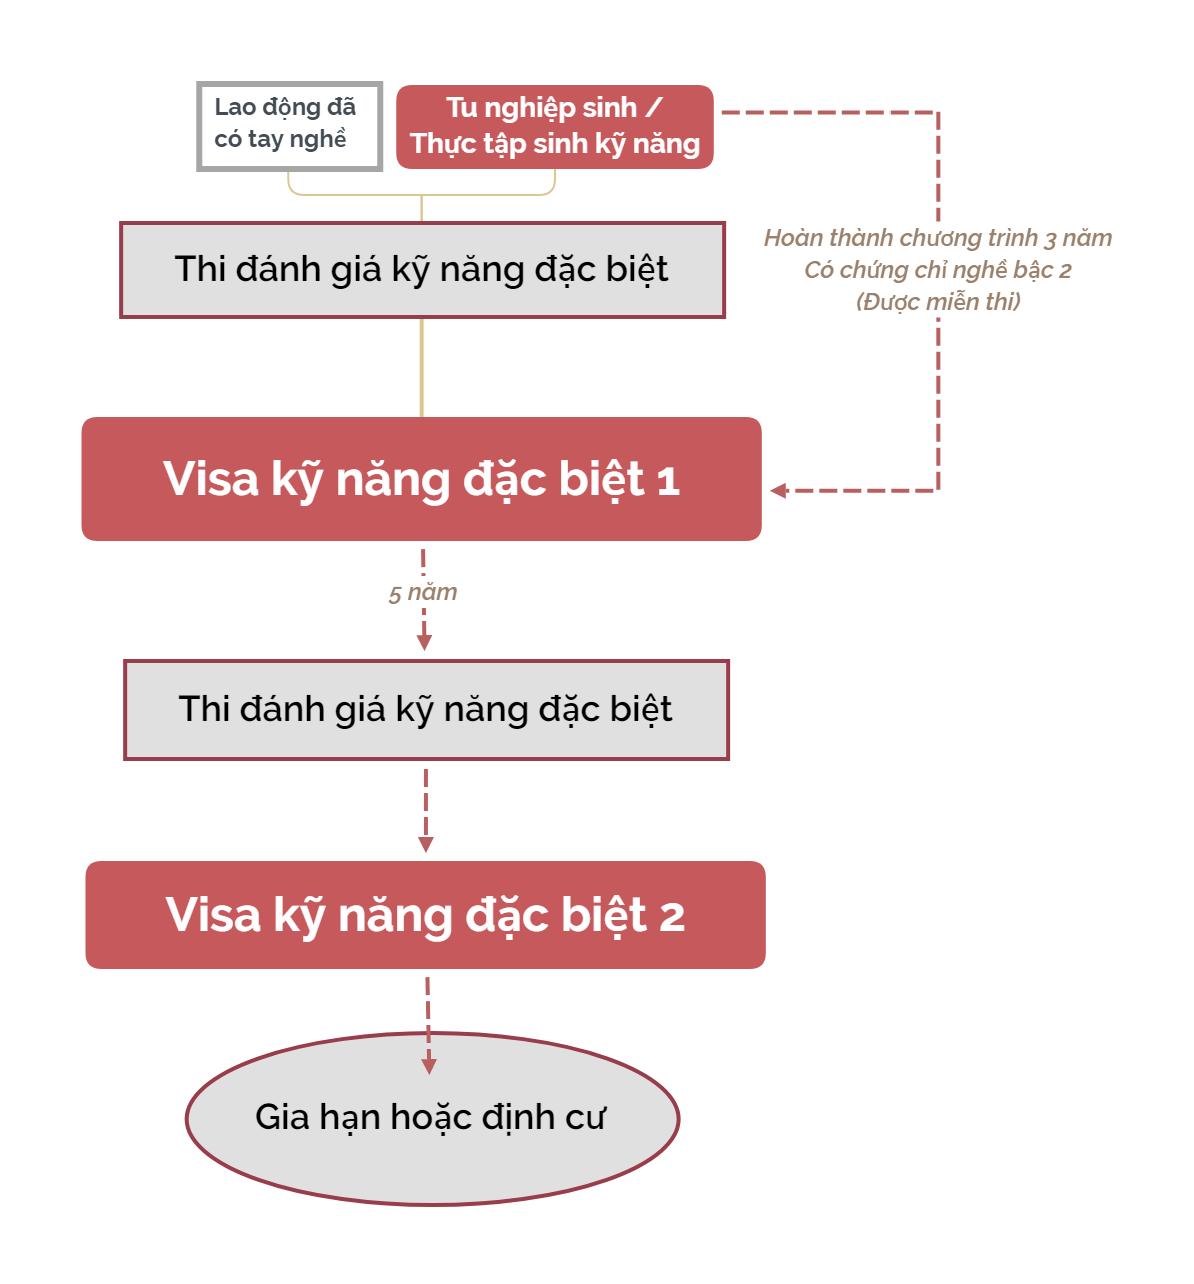 Quy trìnhcấp Visa đặc định 1 và 2